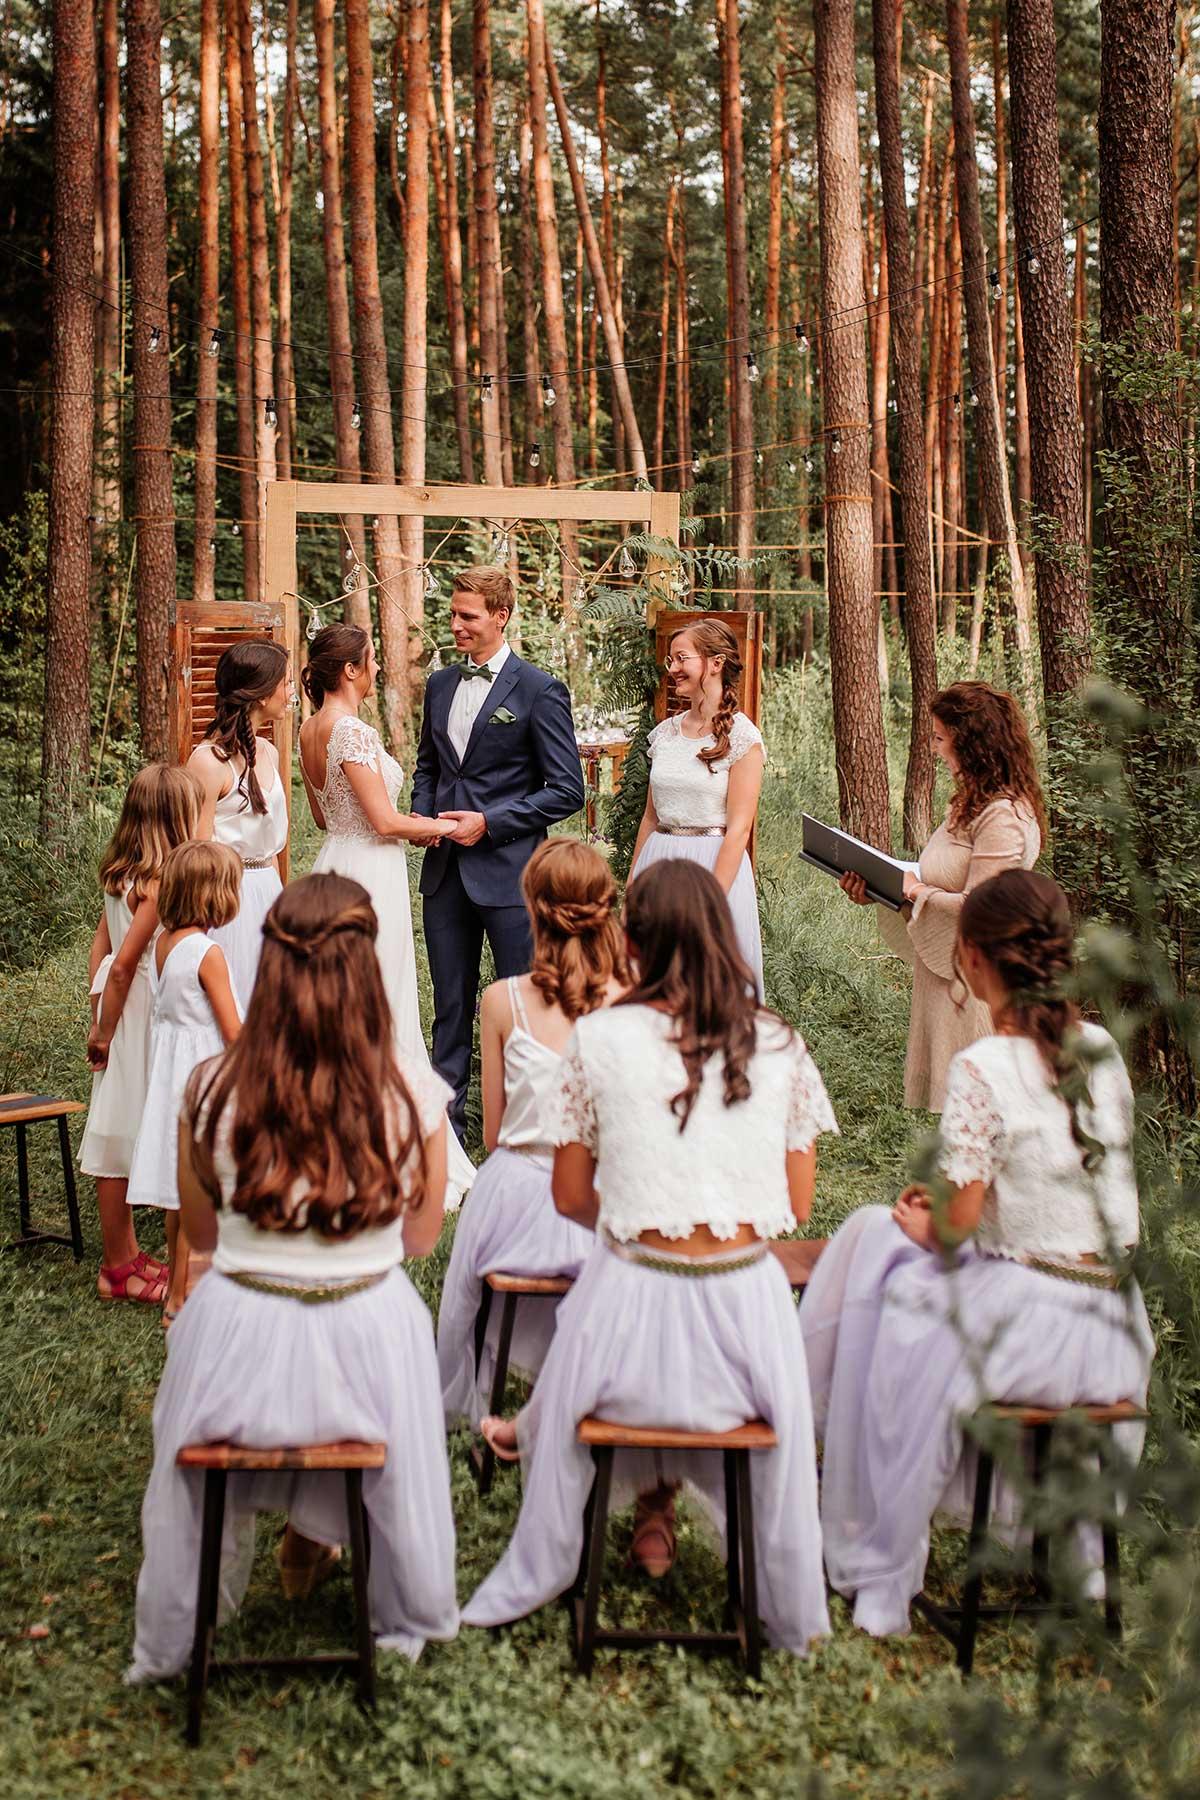 Trauung bei der Hochzeit im Wald